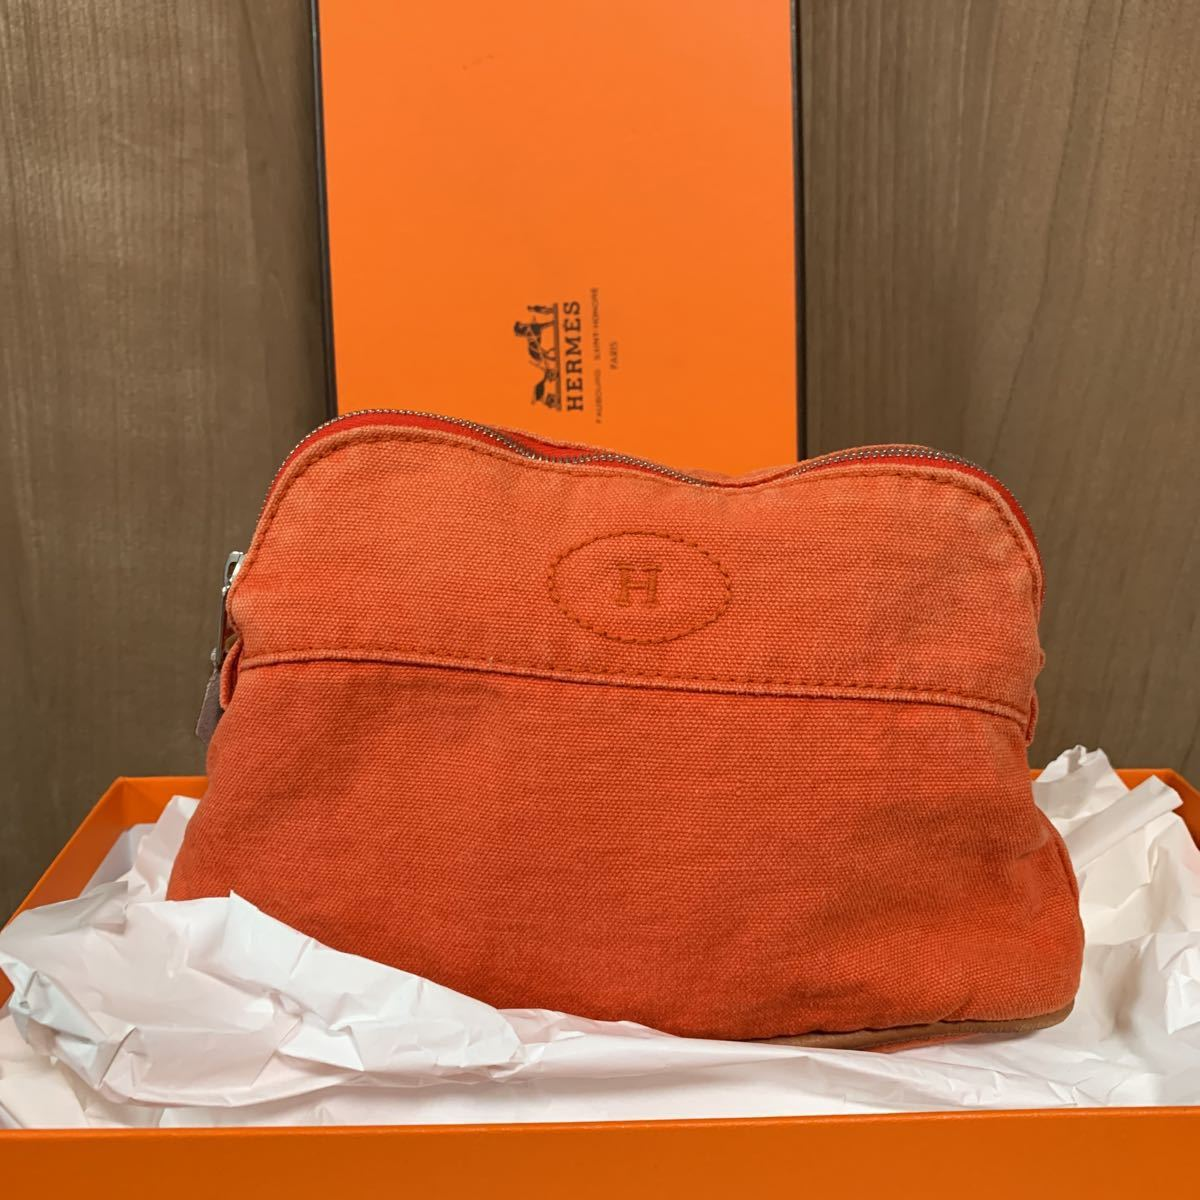 HERMES エルメス ボリードポーチ オレンジ キャンバスレディース 化粧ポーチ コスメポーチ 小物入れ カバン 箱あり